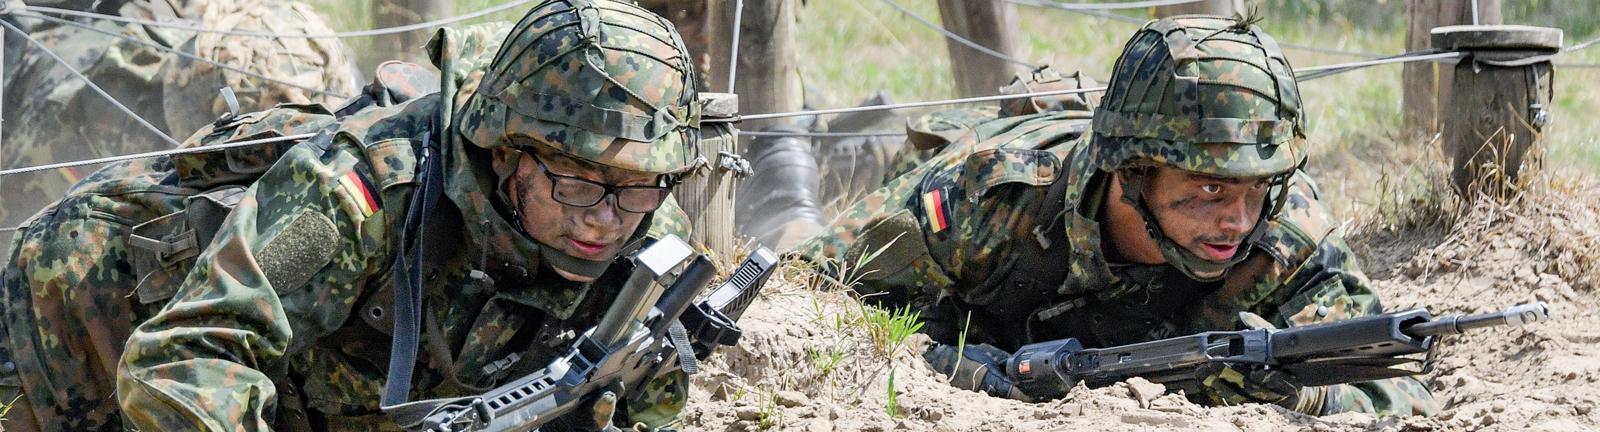 Soldaten robben bei einer Übung durch Sand